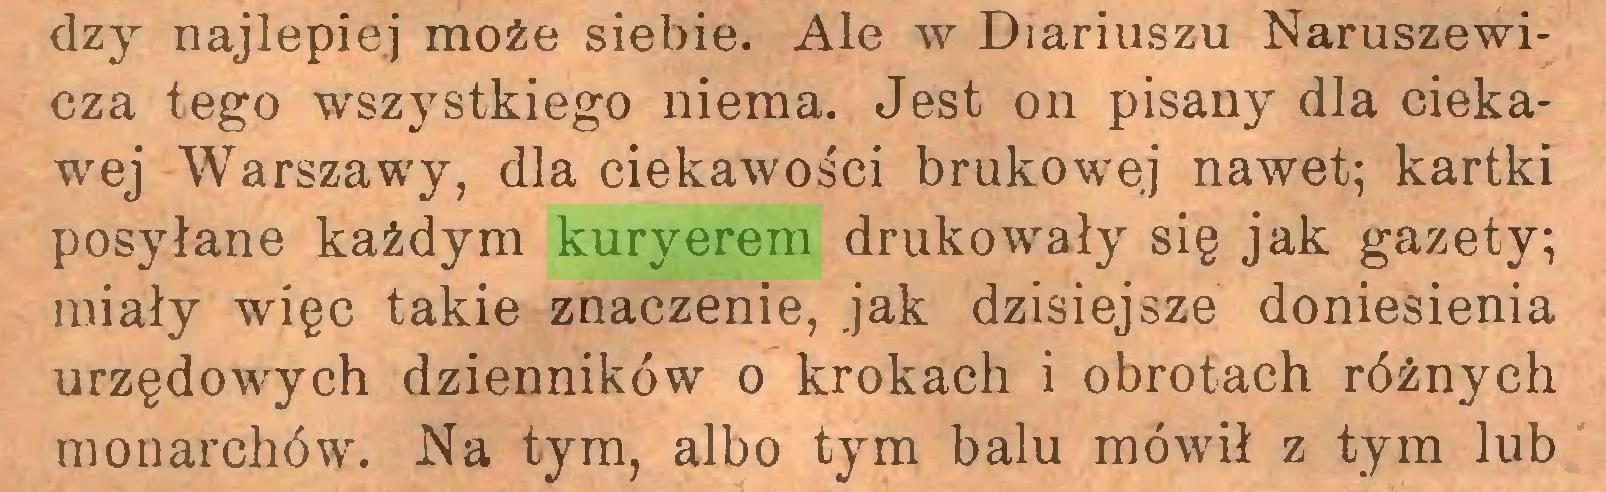 (...) dzy najlepiej może siebie. Ale w Diariuszu Naruszewicza tego wszystkiego niema. Jest on pisany dla ciekawej Warszawy, dla ciekawości brukowej nawet; kartki posyłane każdym kuryerem drukowały się jak gazety; miały więc takie znaczenie, jak dzisiejsze doniesienia urzędowych dzienników o krokach i obrotach różnych monarchów. Na tym, albo tym balu mówił z tym lub...